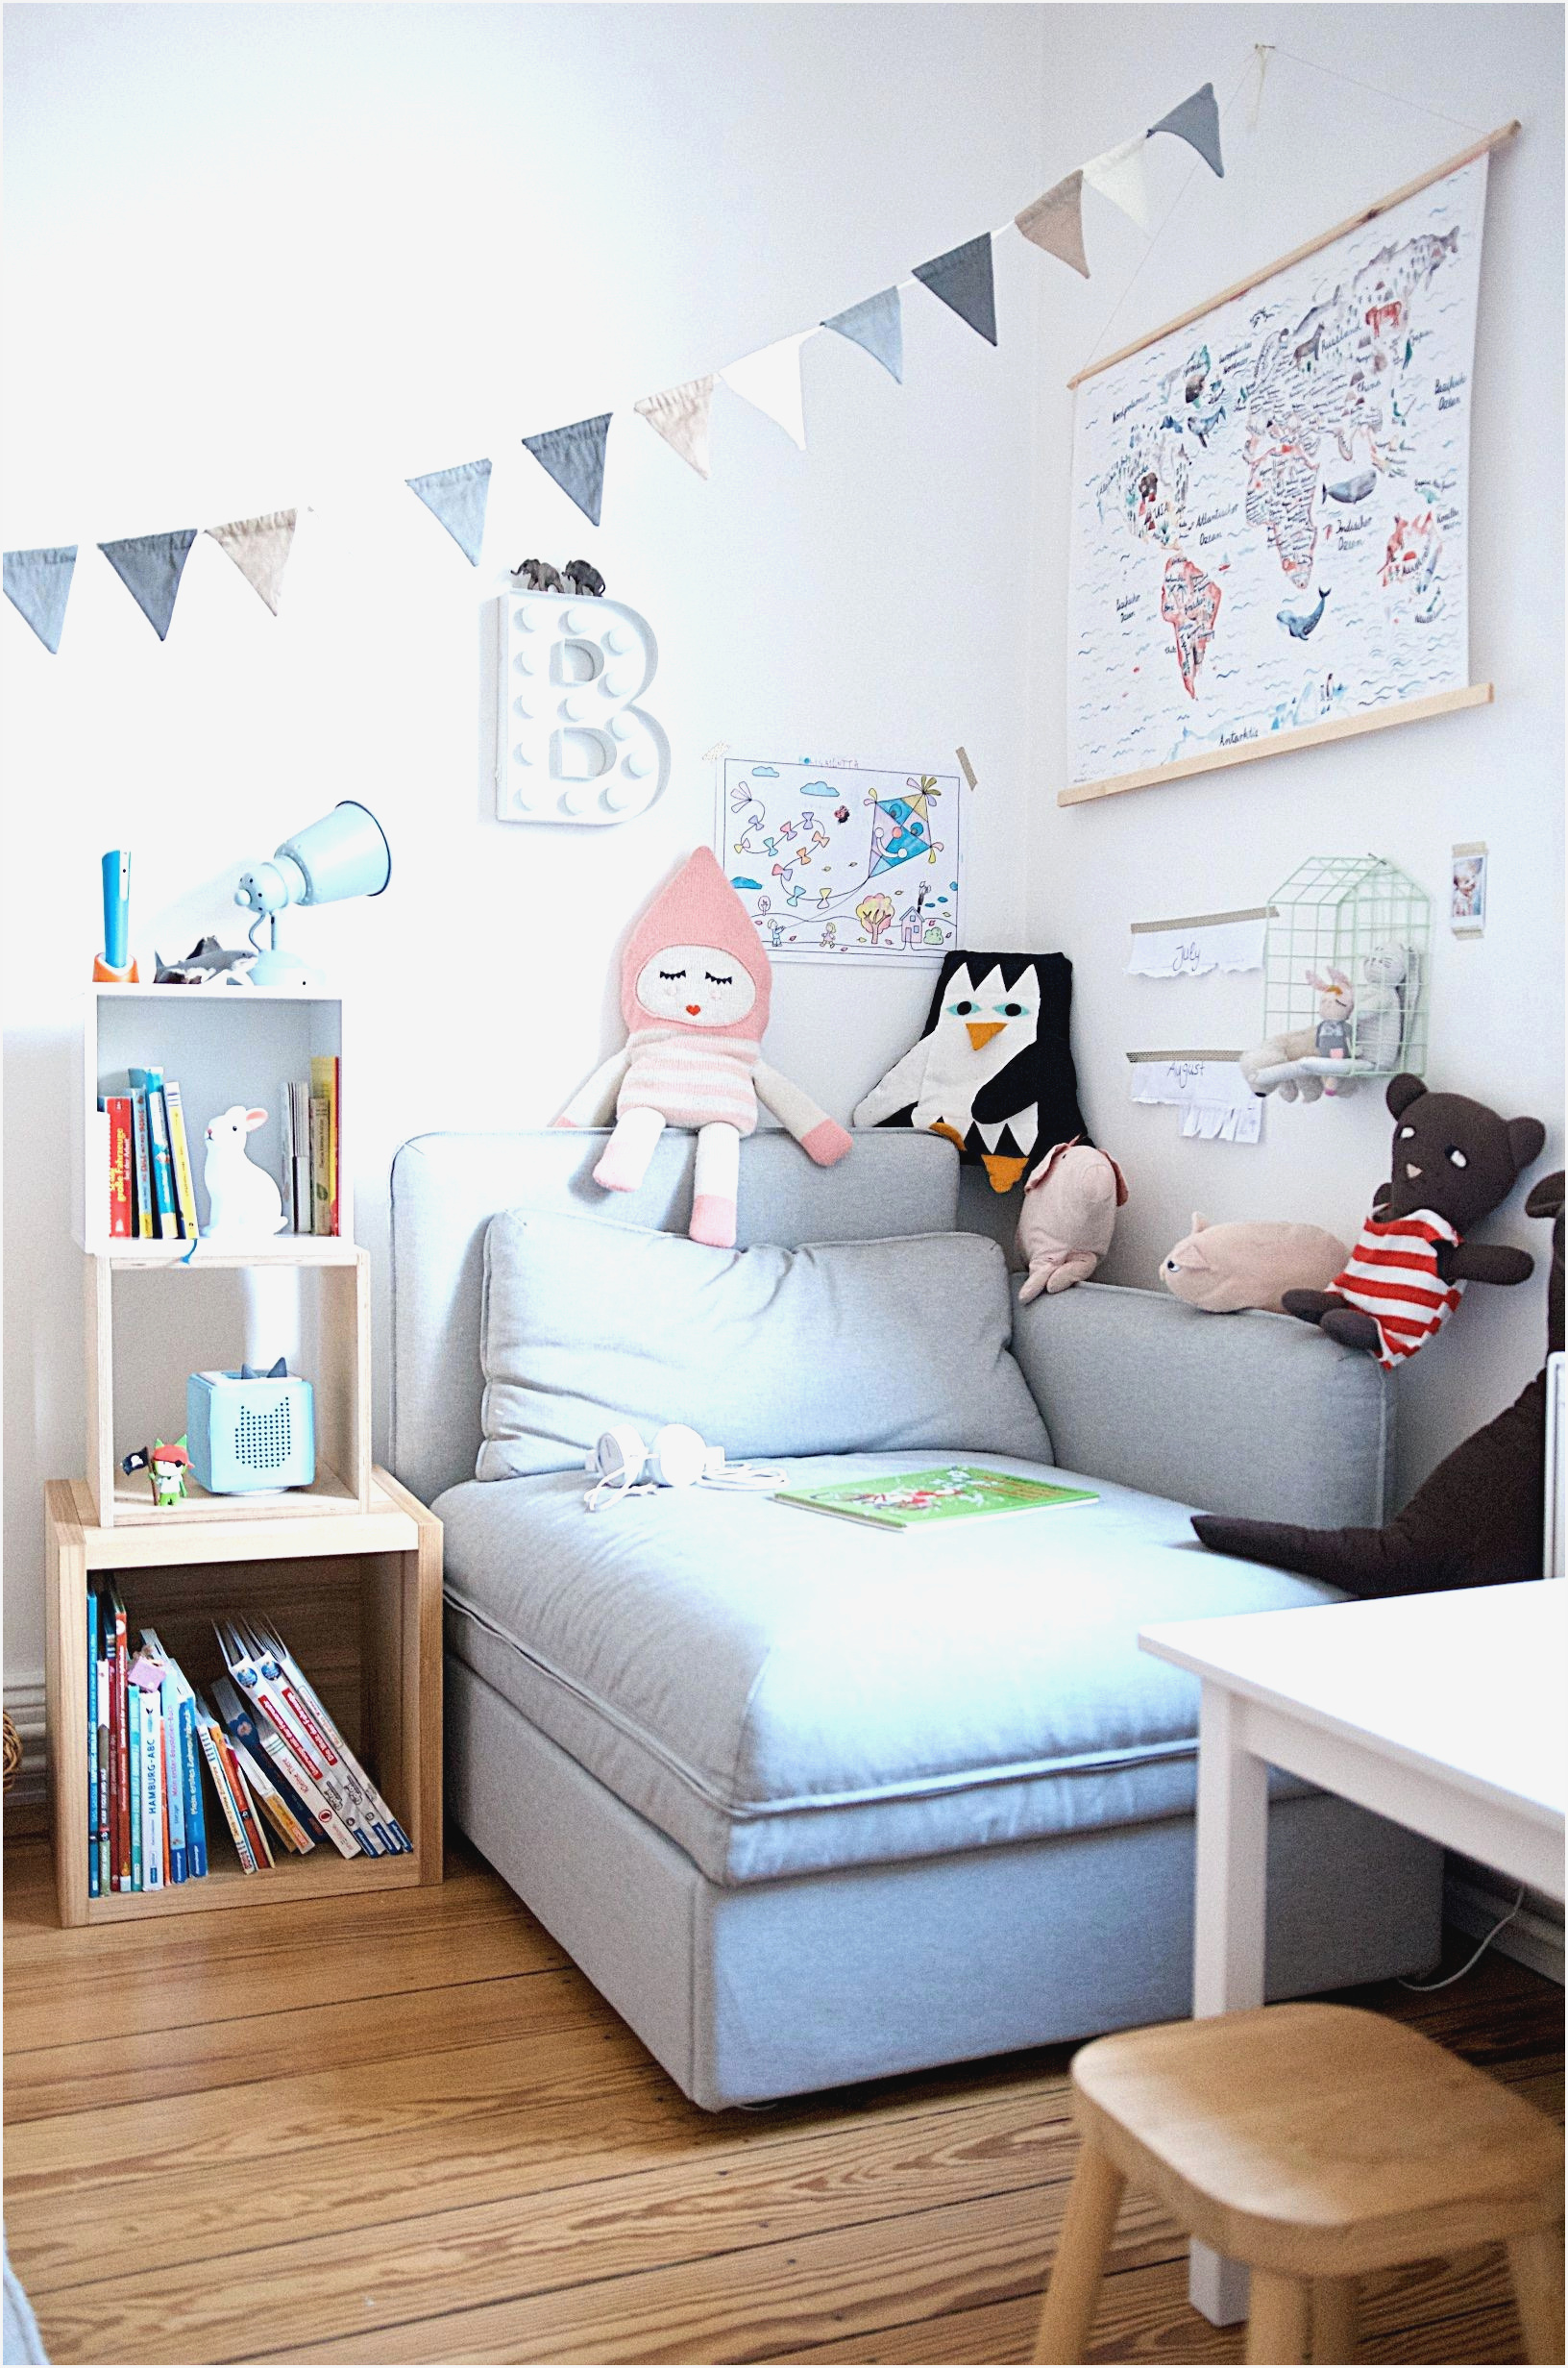 Full Size of Wandgestaltung Kinderzimmer Junge 6 Jahre Regal Weiß Sofa Regale Wohnzimmer Wandgestaltung Kinderzimmer Jungen